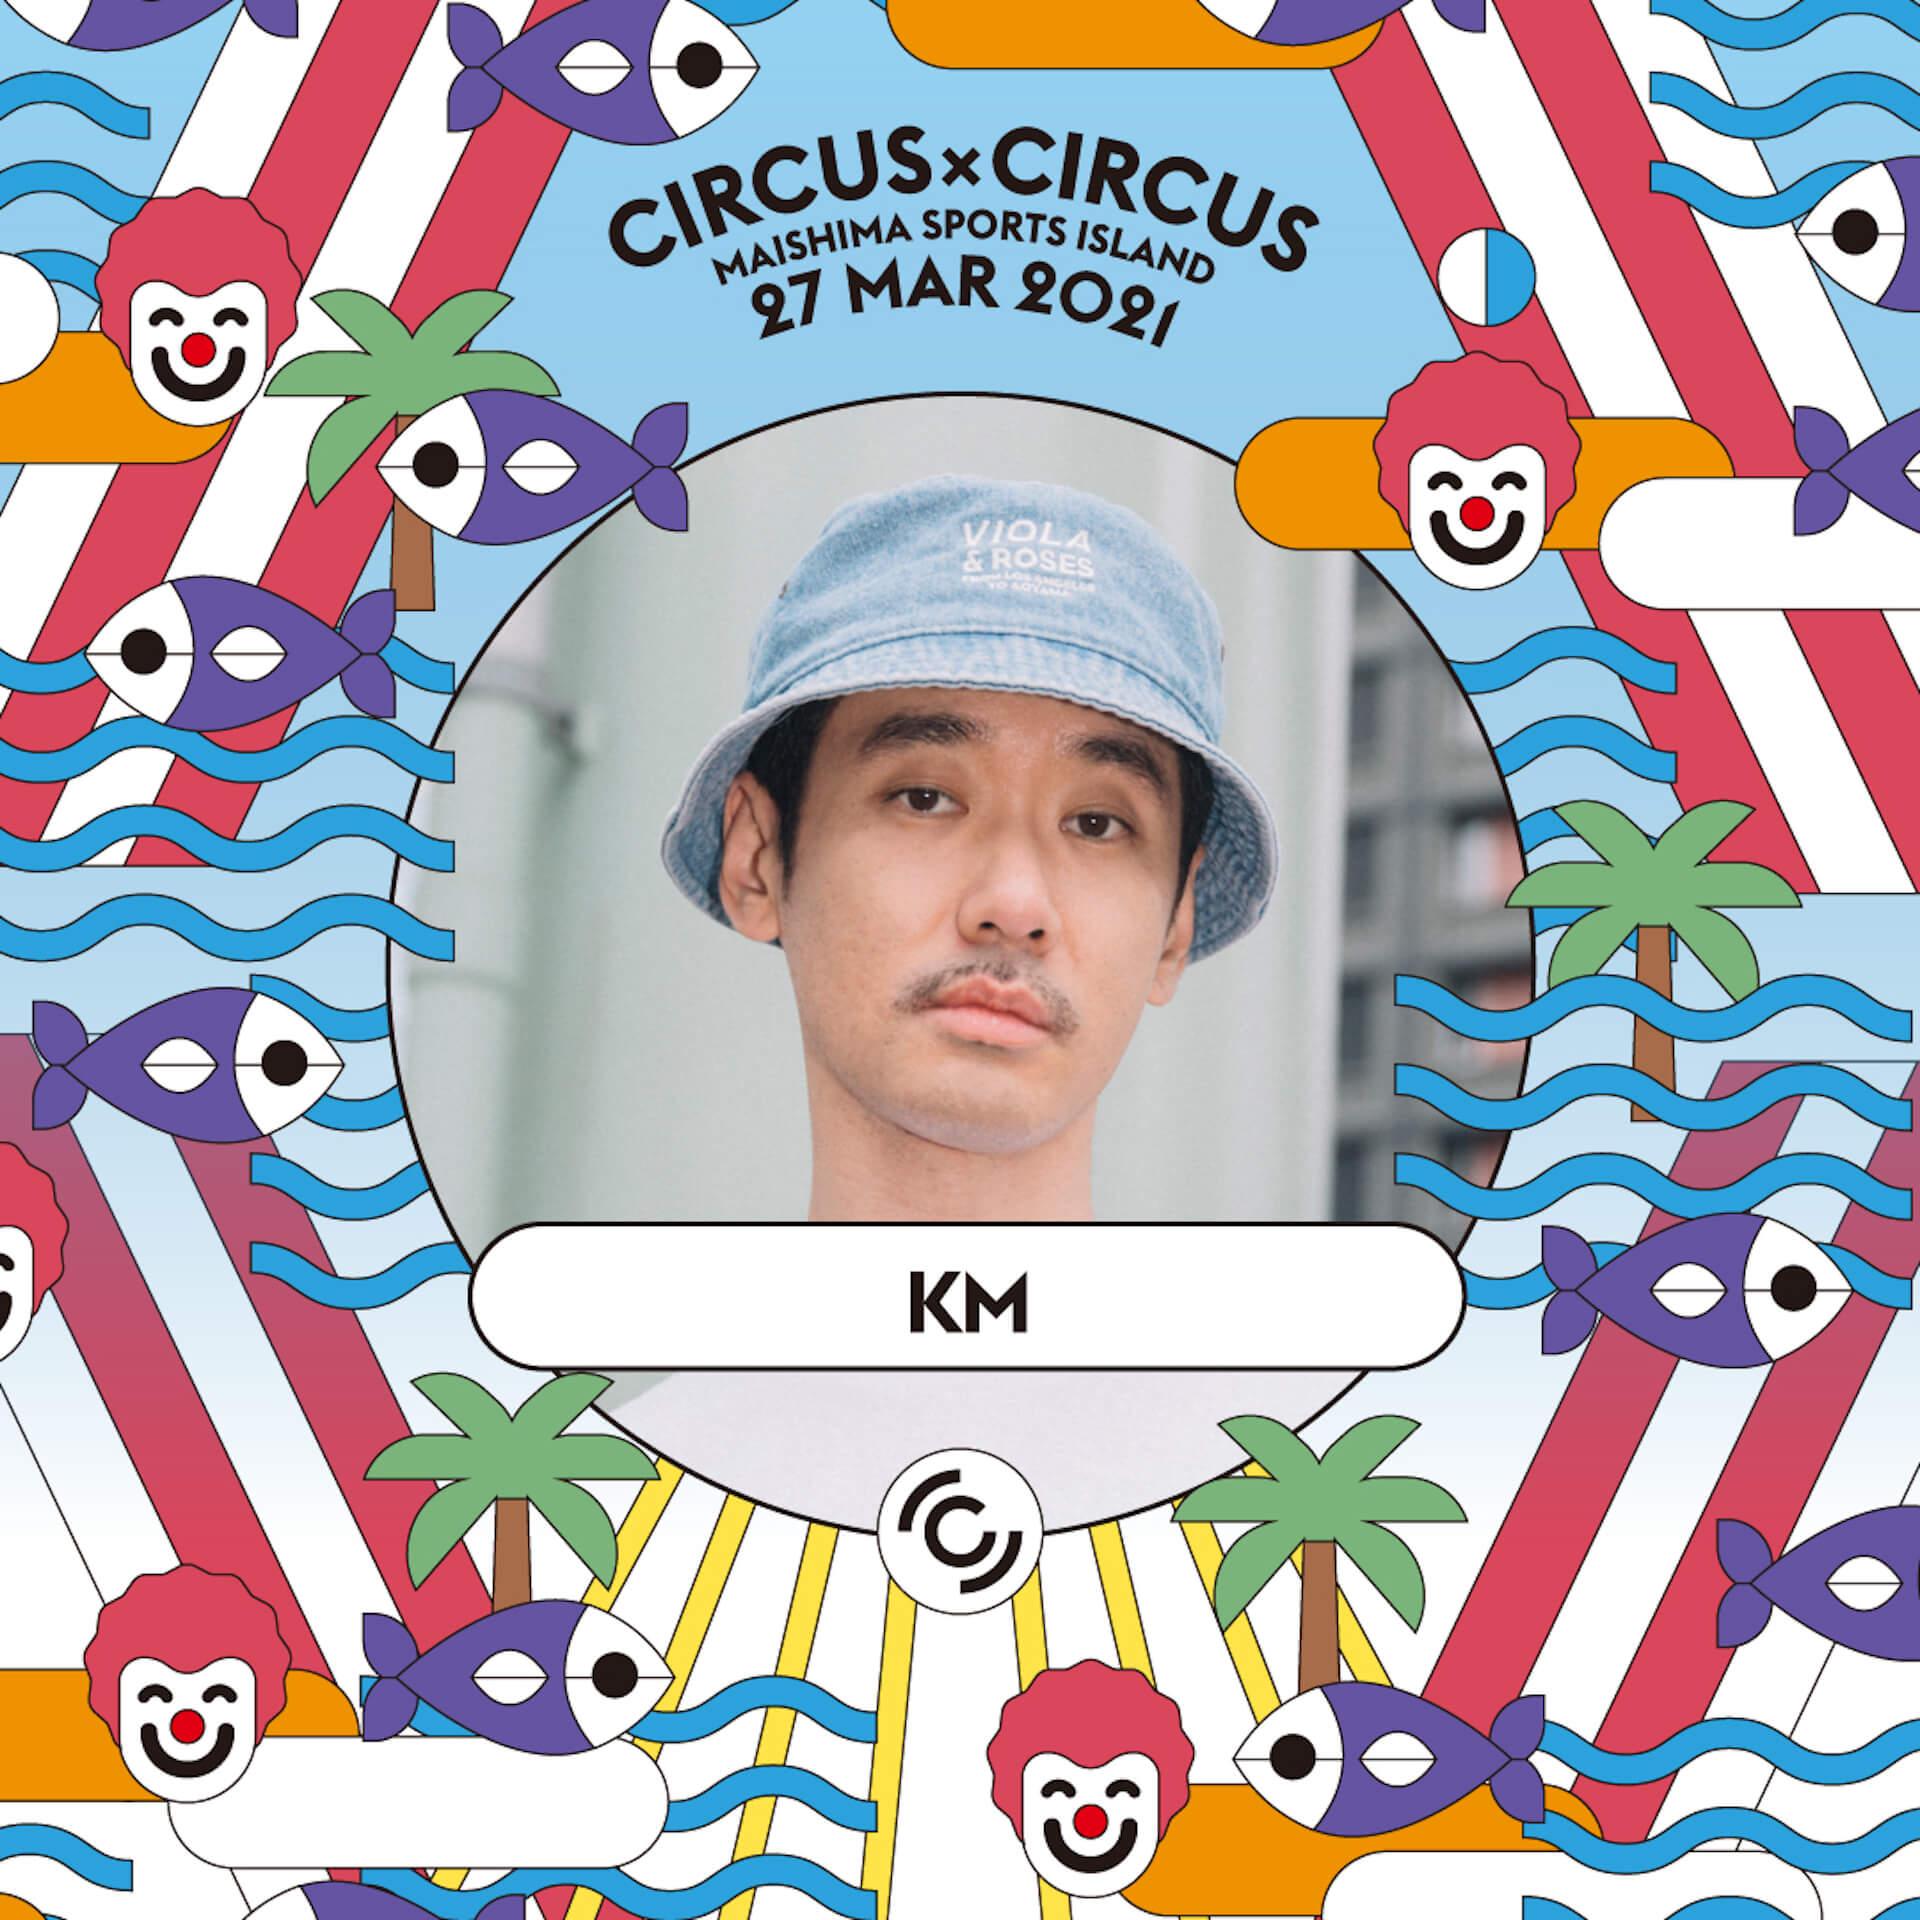 来週末開催の<CIRCUS × CIRCUS>オープニングアクトにKM!シークレットゲストも追加|YAGI&FULLHOUSEによるアフターパーティーにJNKMN、Qiezi Maboら参加 music210319_circuscircus_7